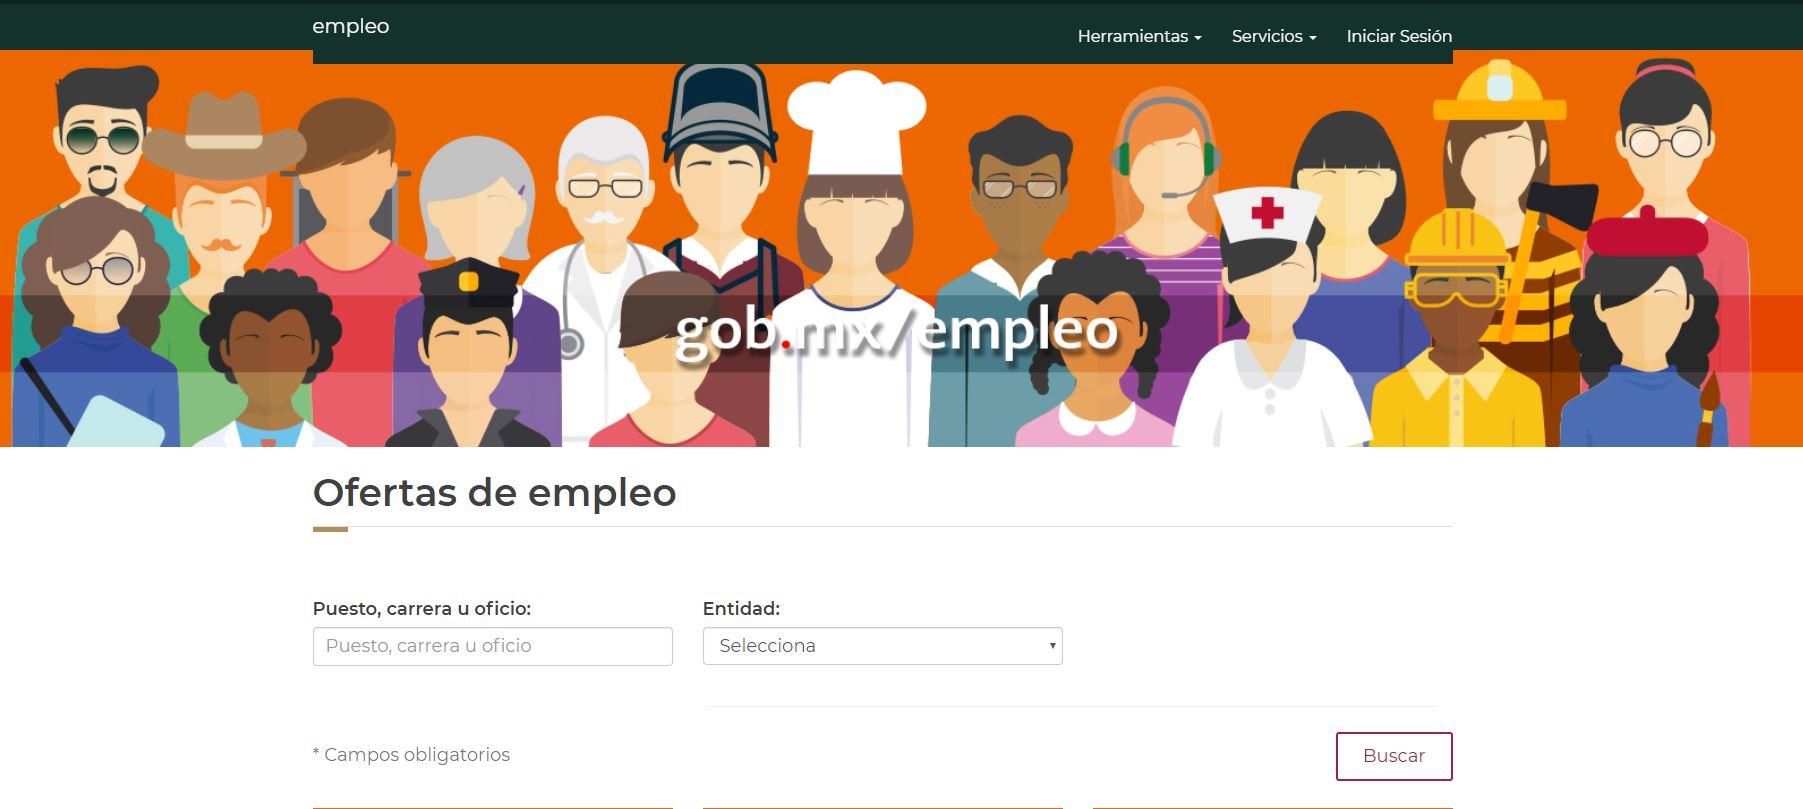 donde-consultar-vacantes-de-empleo-en-el-edomex2